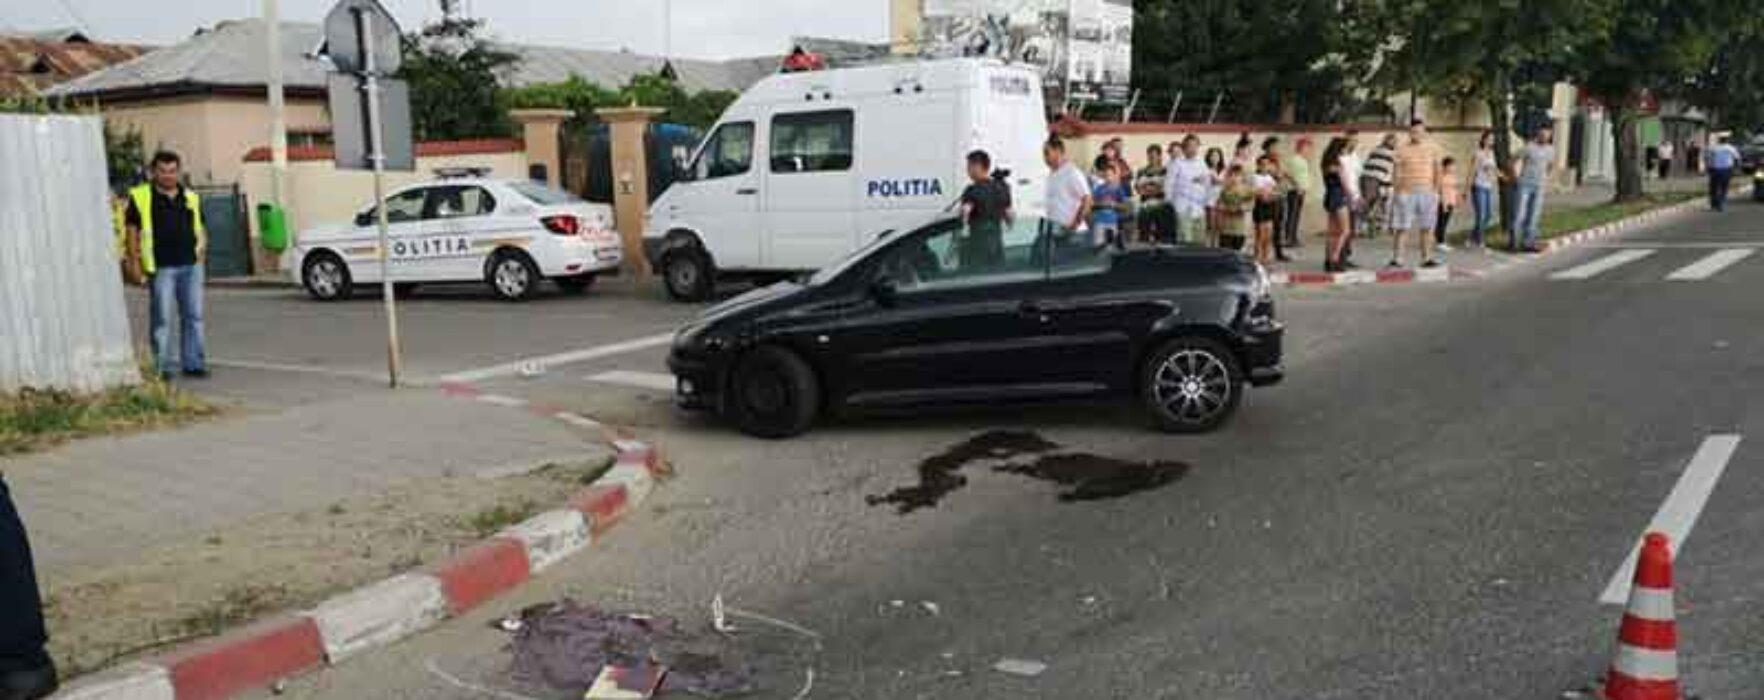 Târgovişte: Şoferiţă de 20 de ani, sub influenţa drogurilor, a accidentat mortal un bărbat pe trecerea de pietoni